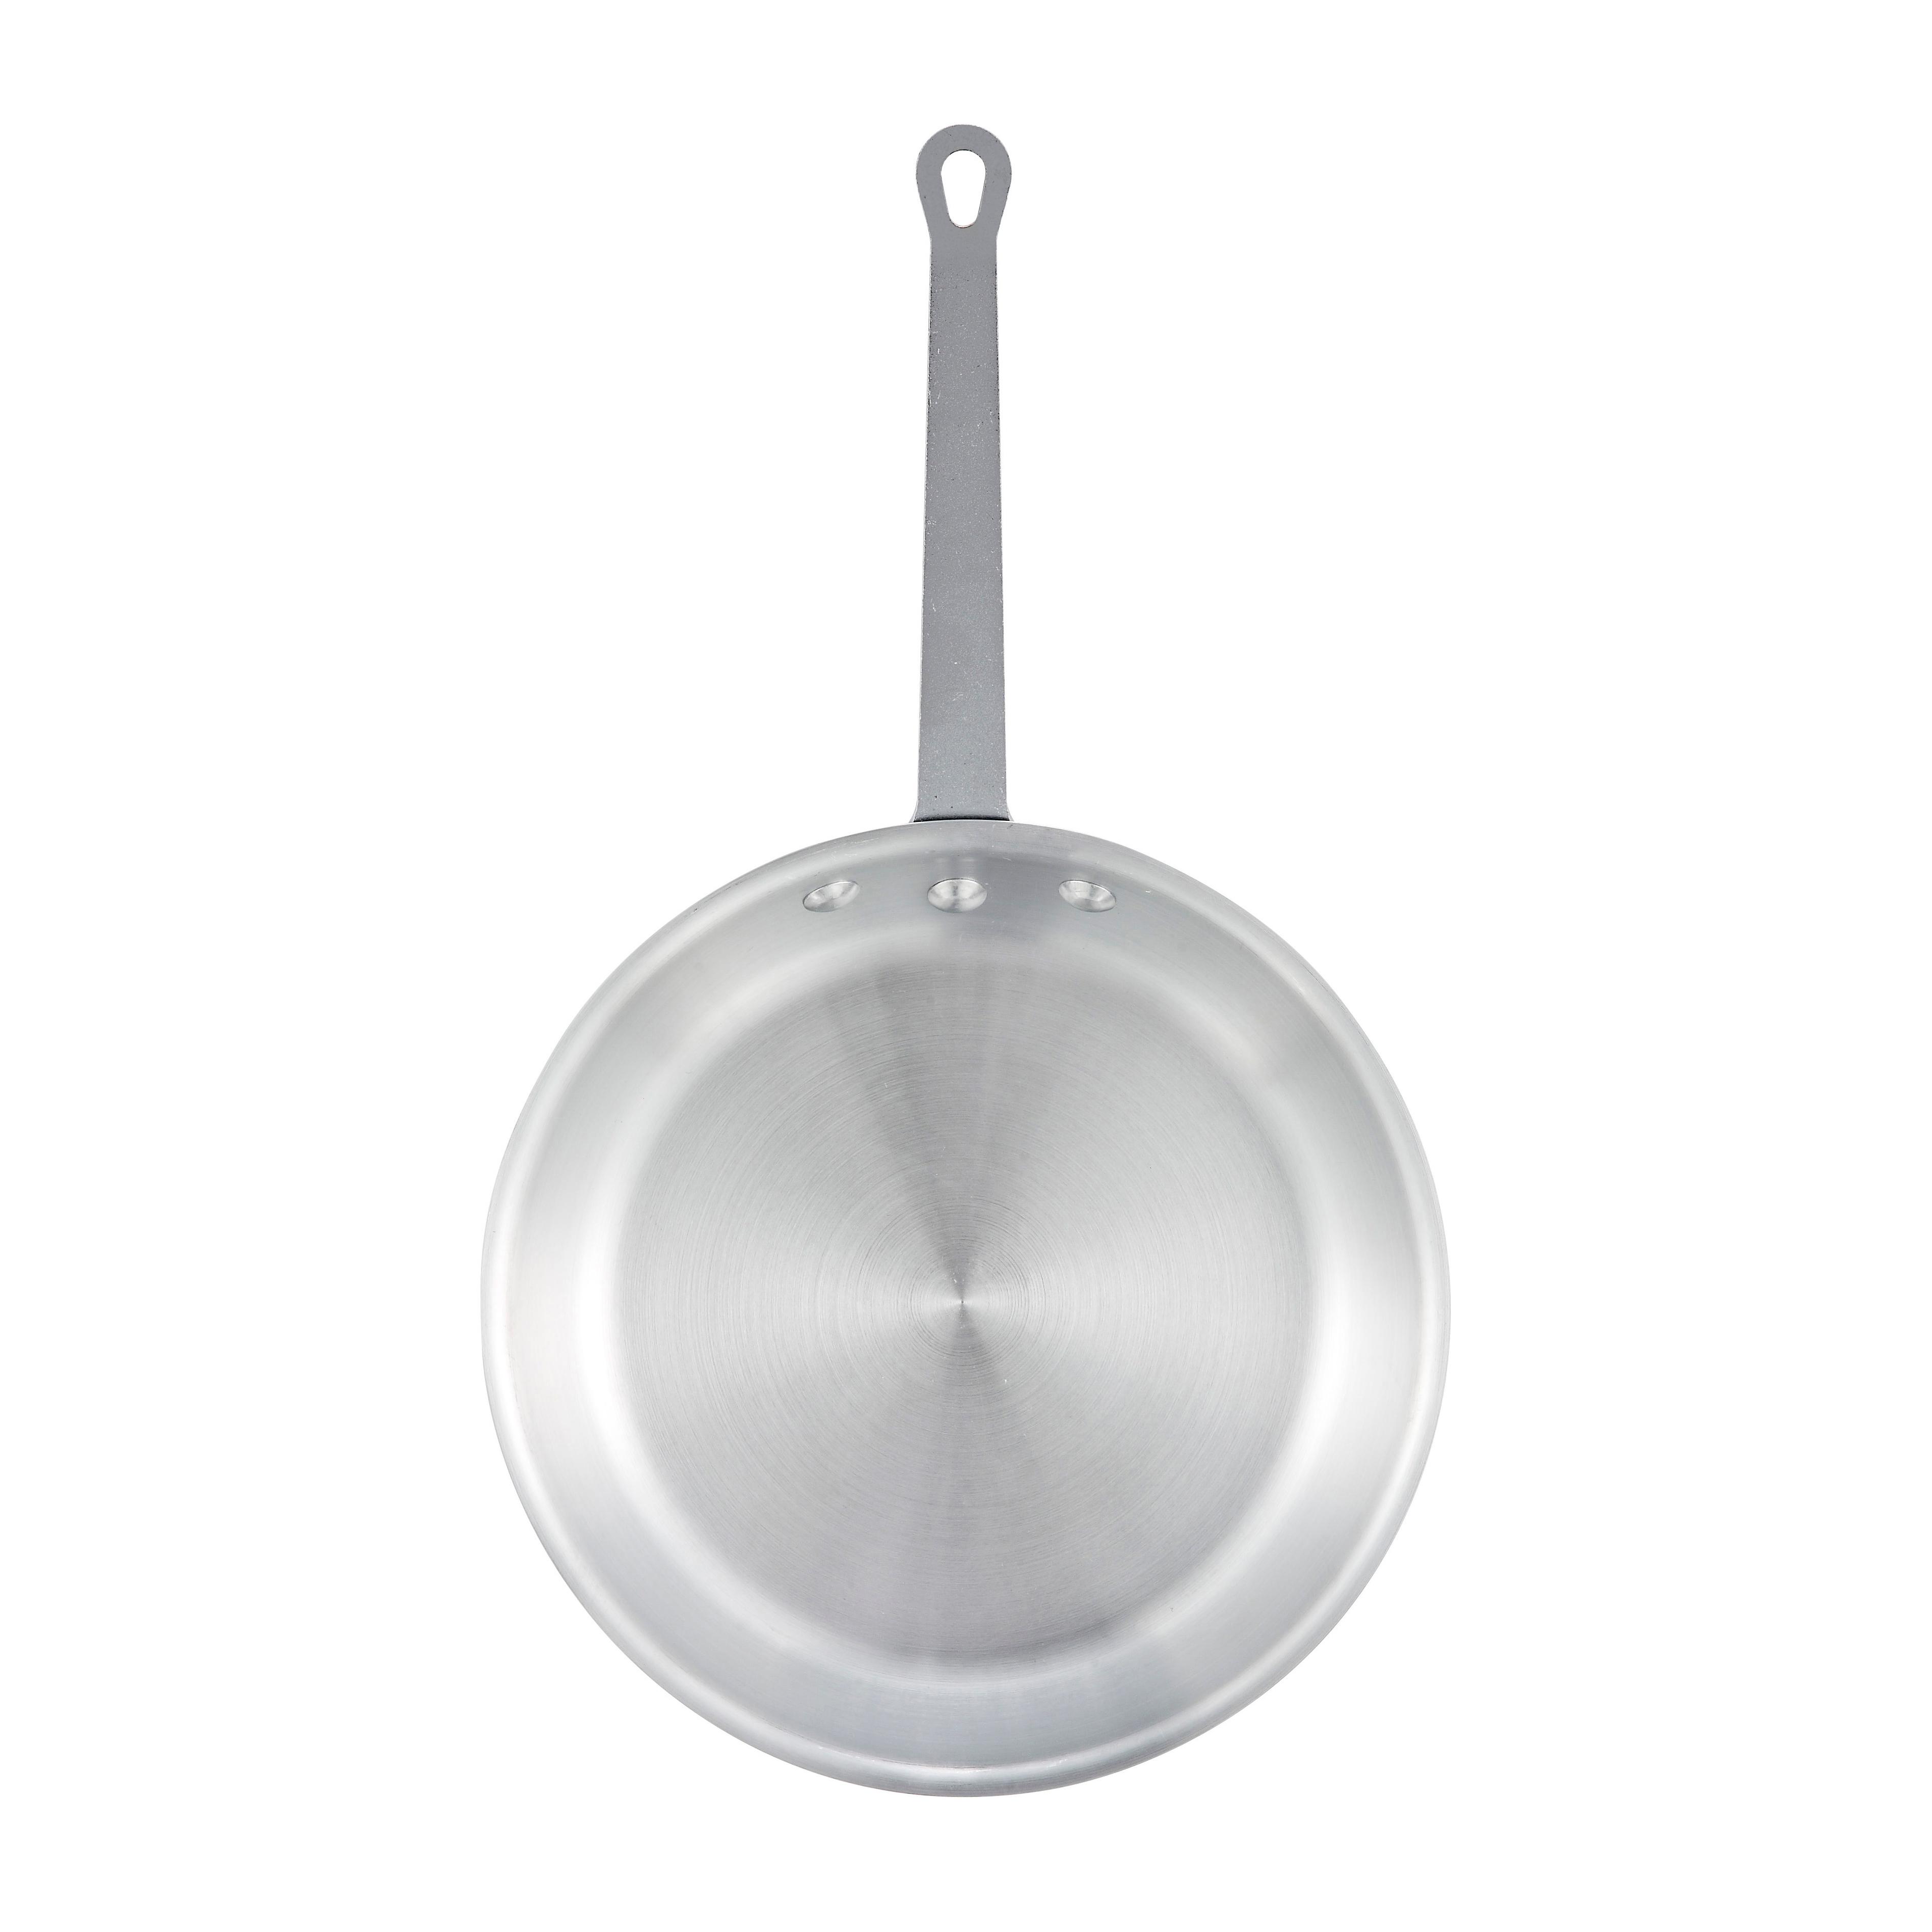 Winco AFP-8S fry pan